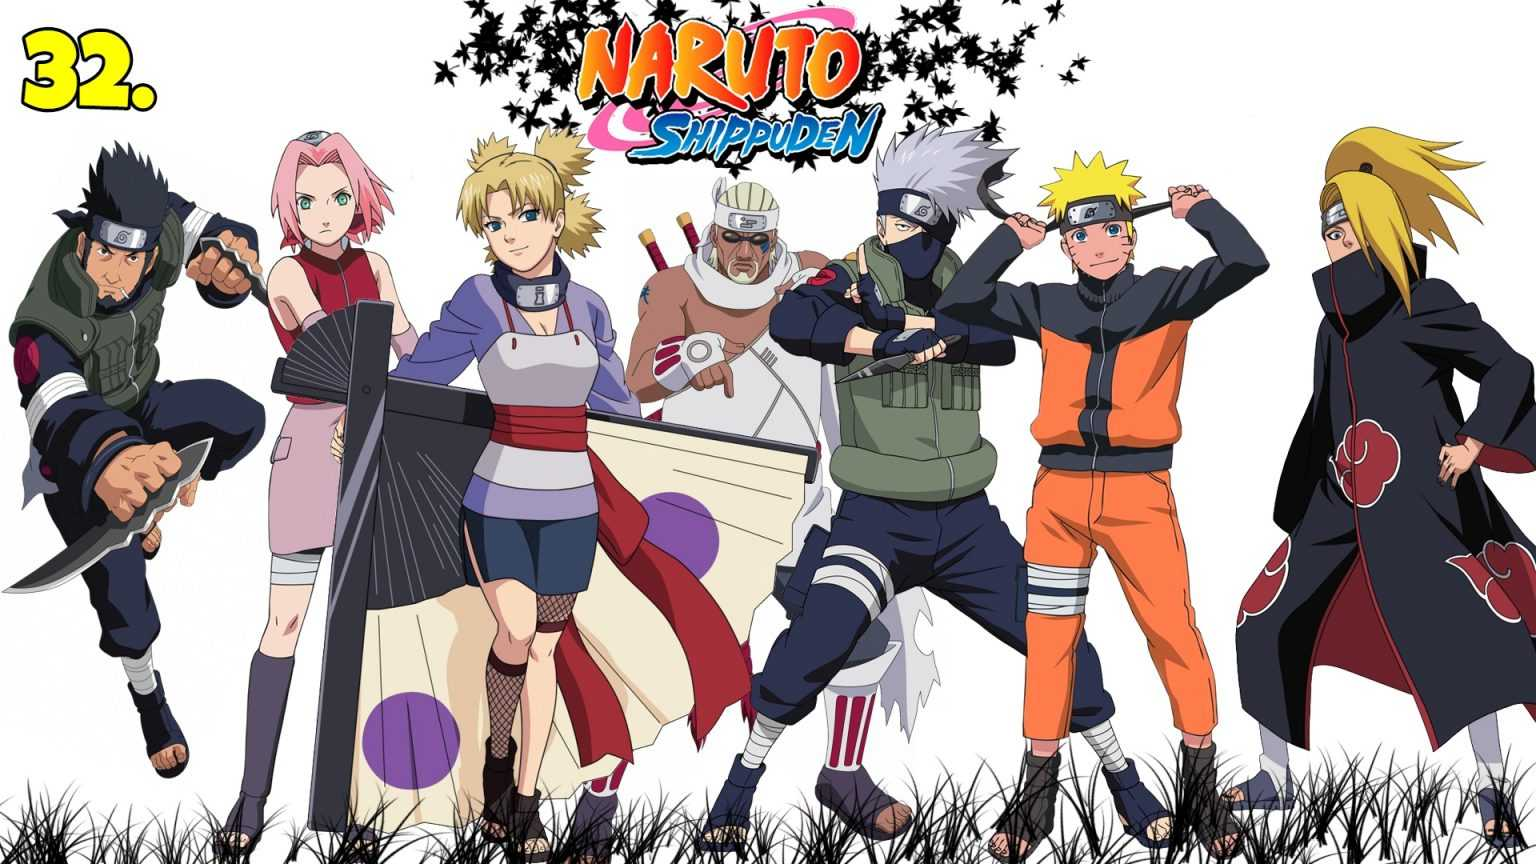 Naruto-Naruto-Shippuden